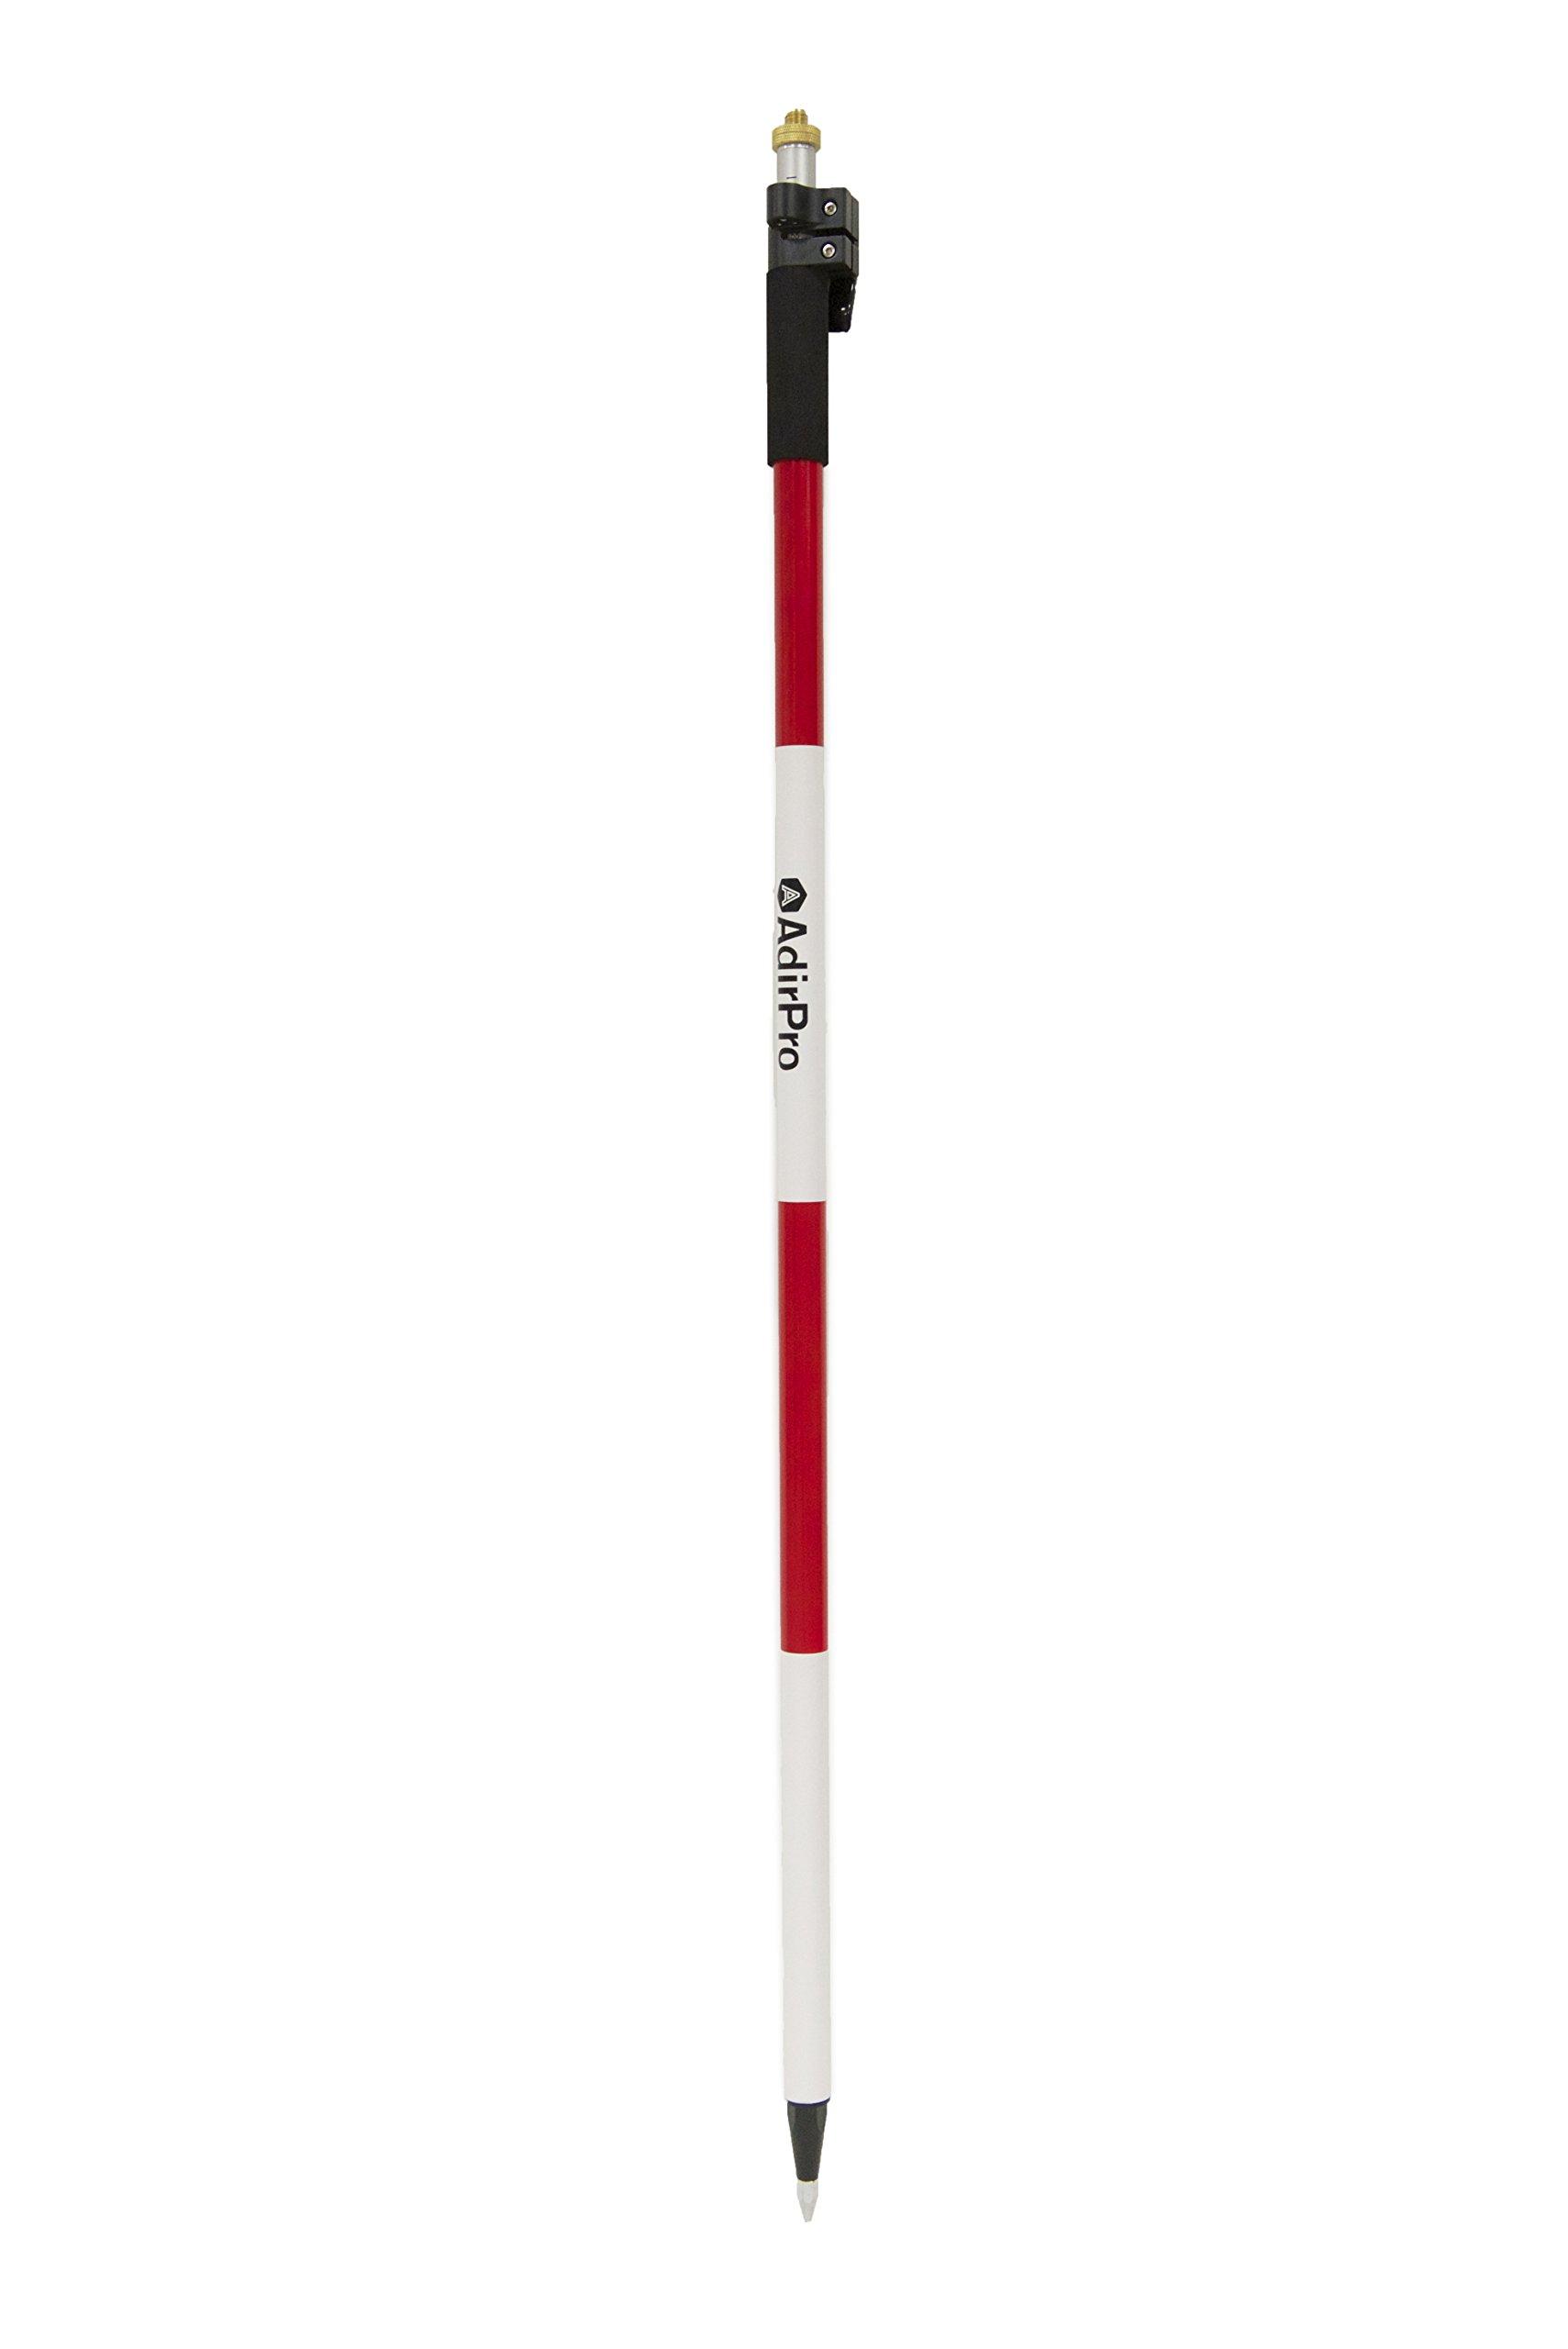 AdirPro Aluminum Prism Pole with Quick Release Clamp 15' (4.6m)